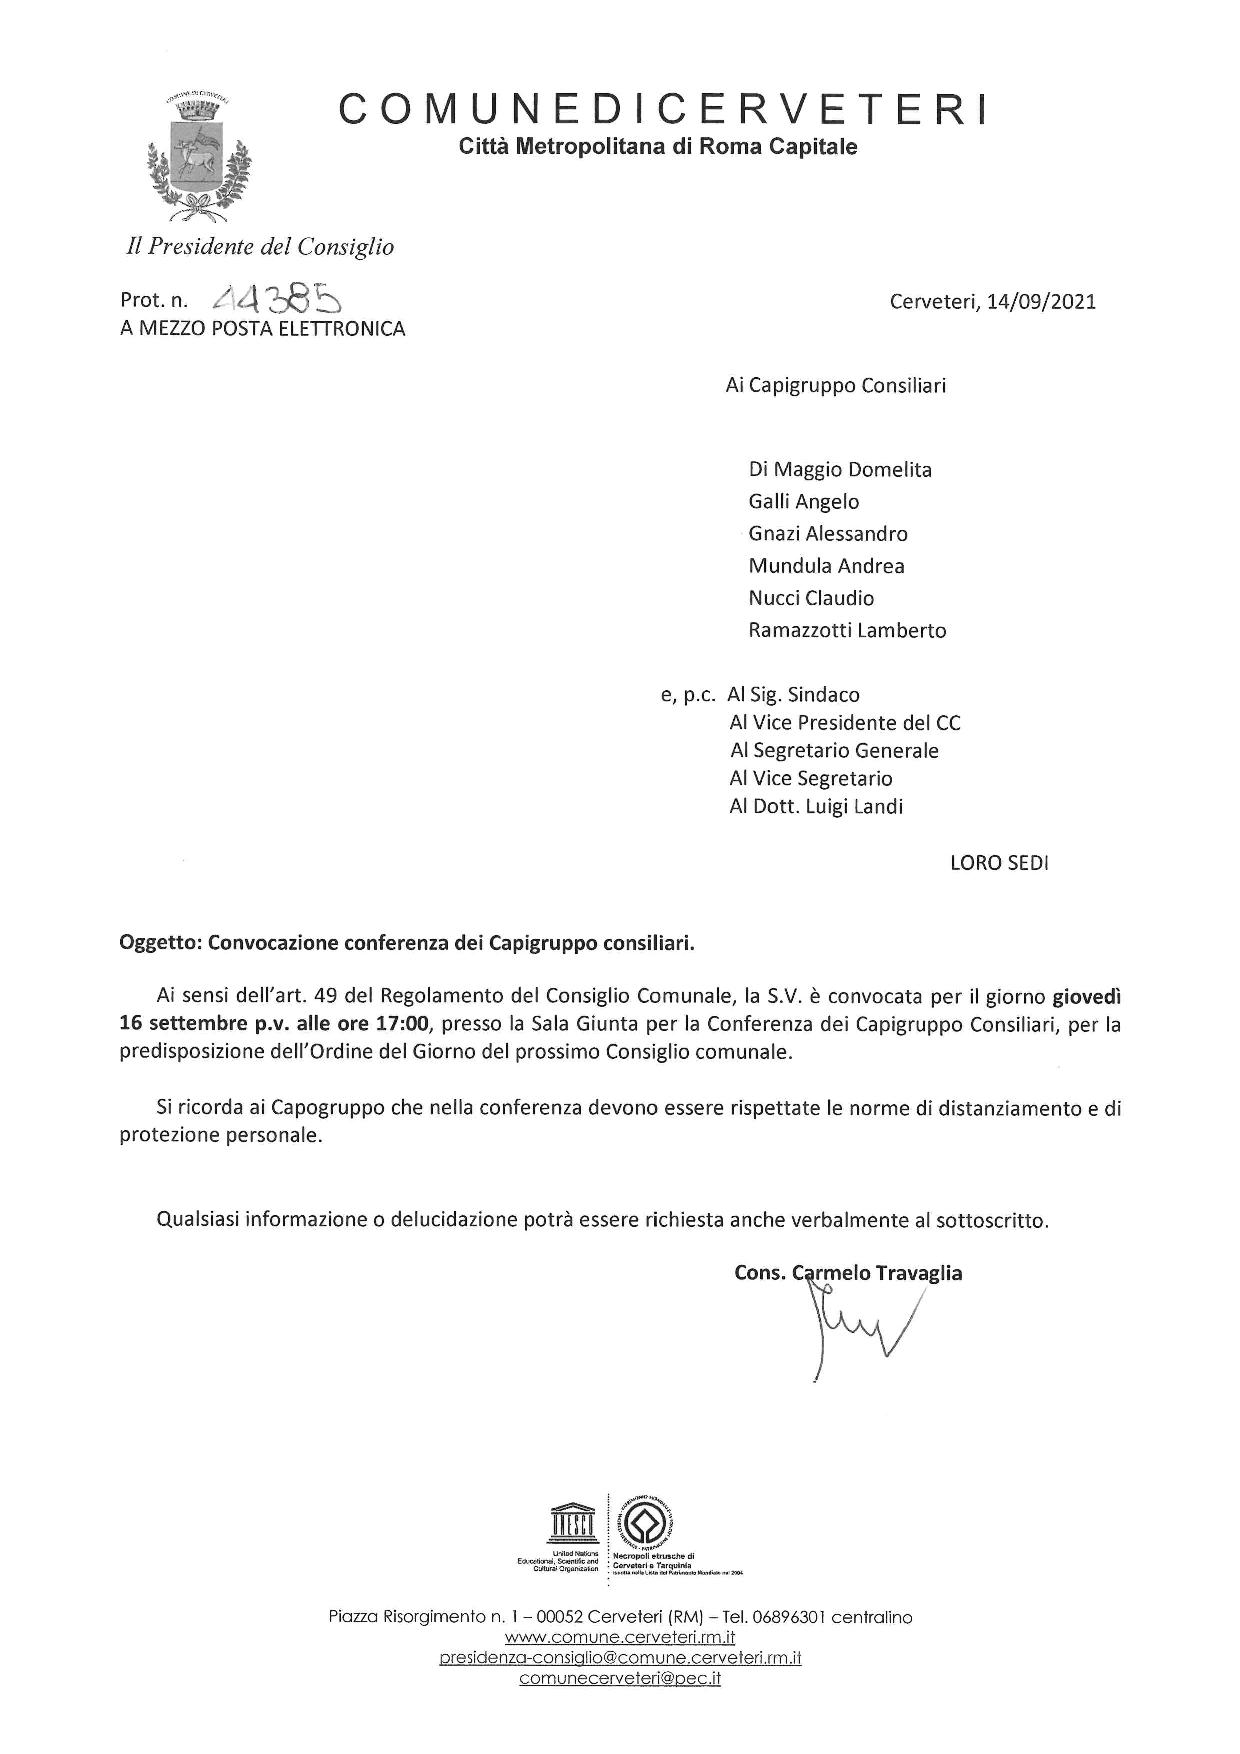 Convocazione Conferenza Capigruppo consiliari del 16.09.2021